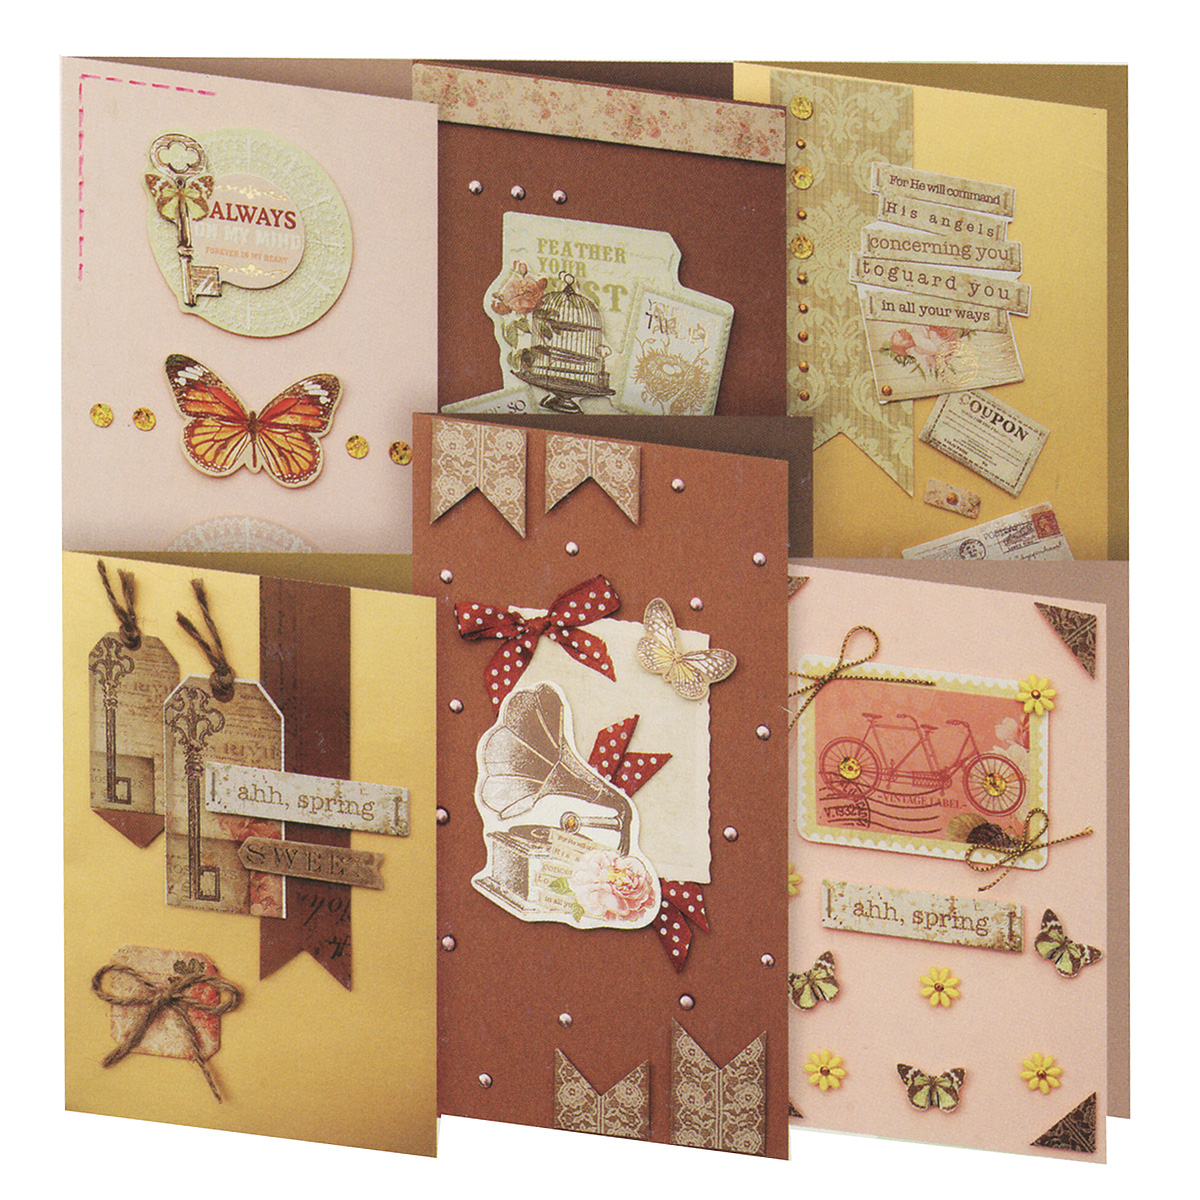 Набор для создания открыток Белоснежка Шоколад, 6 шт набор для создания открыток белоснежка аквамарин 6 шт